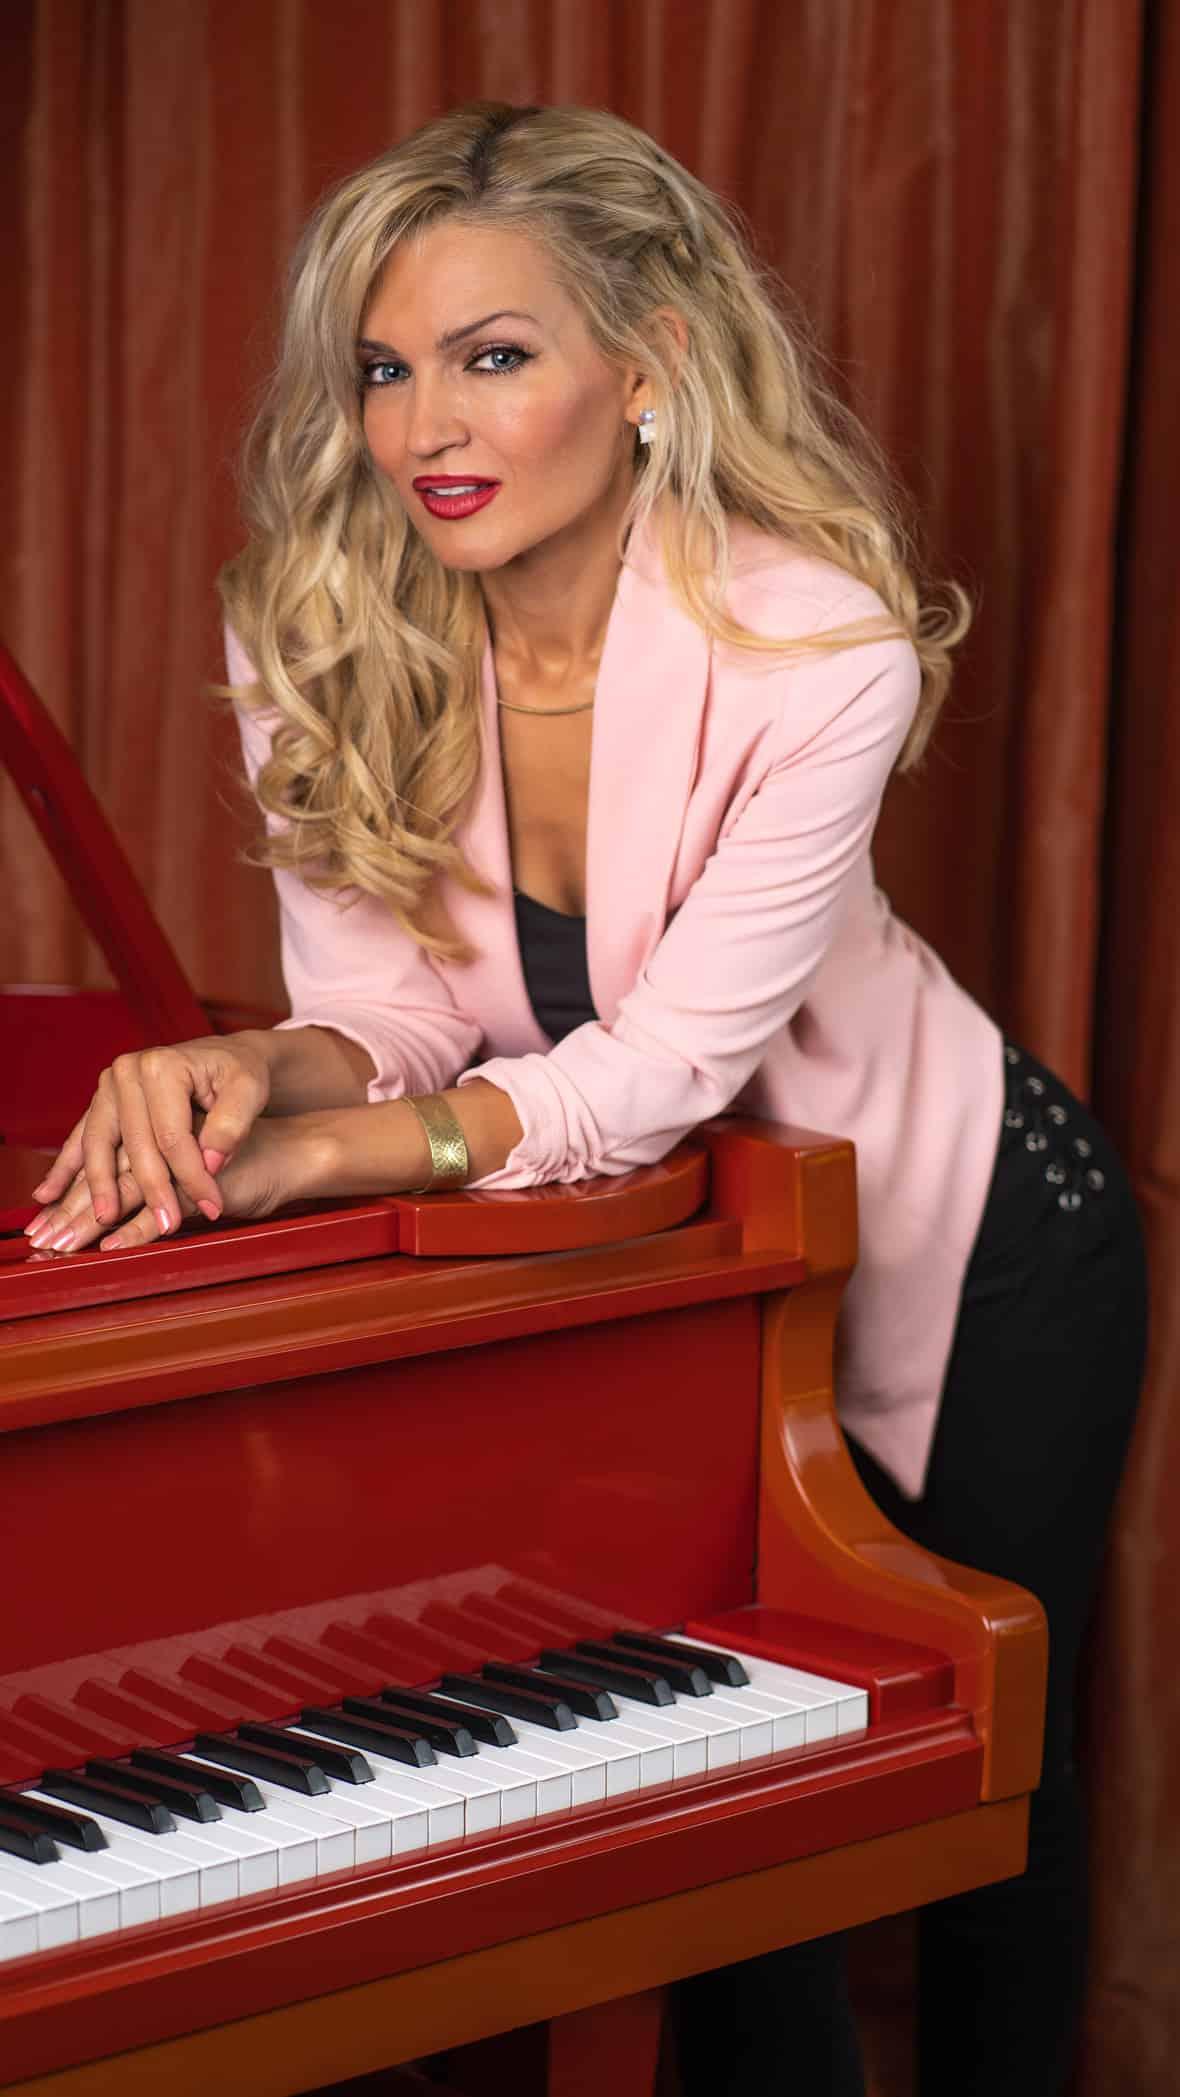 Oksana Kolesnikova Red Piano 09182